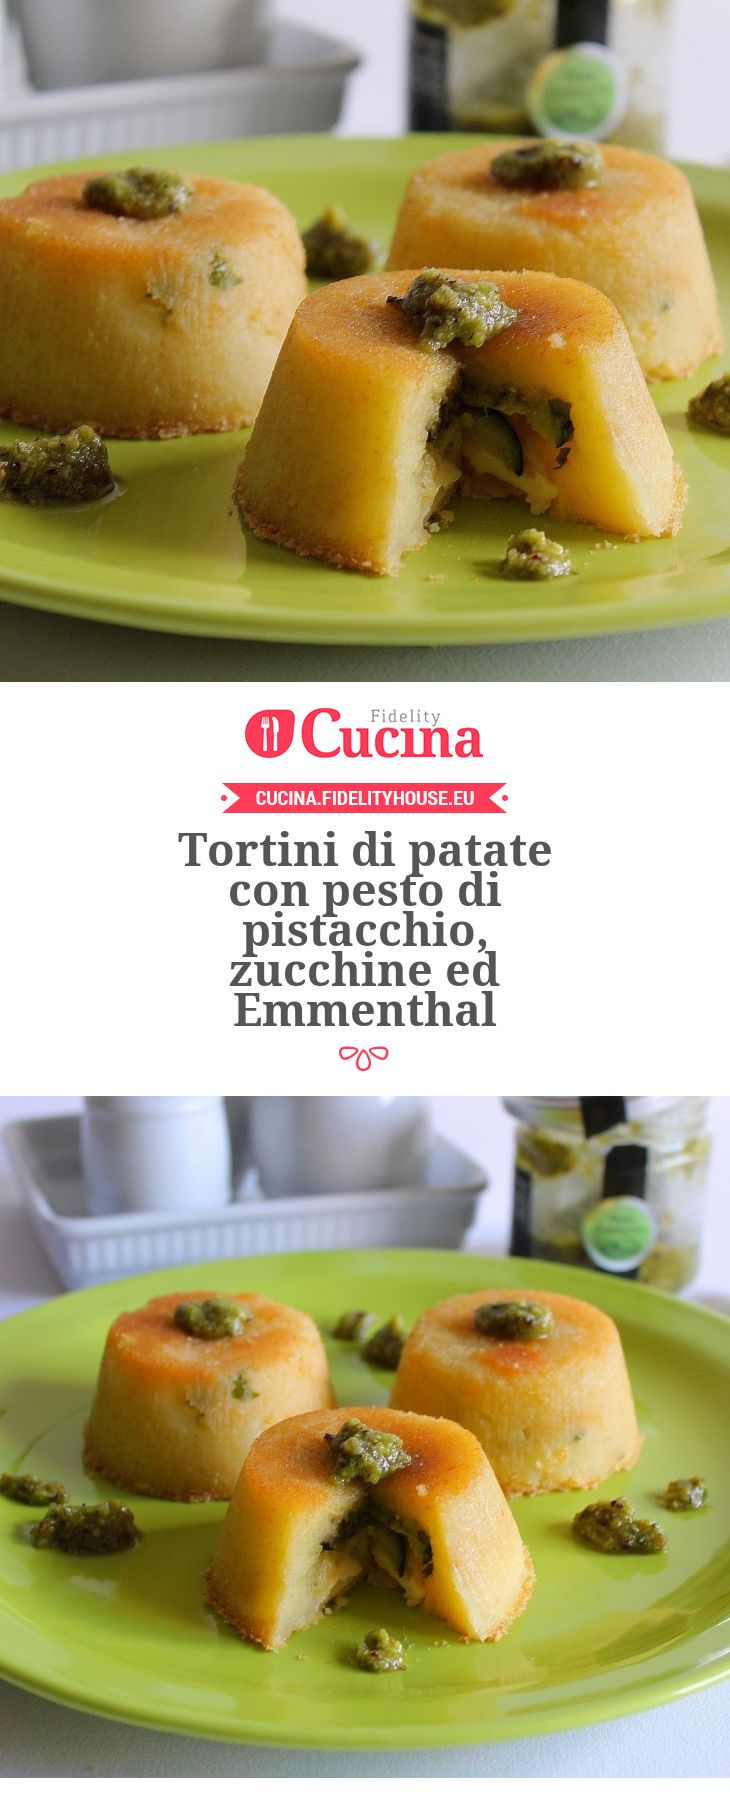 Tortini di #patate con #pesto di #pistacchio, #zucchine ed #Emmenthal della nostra utente Giovanna. Unisciti alla nostra Community ed invia le tue ricette!